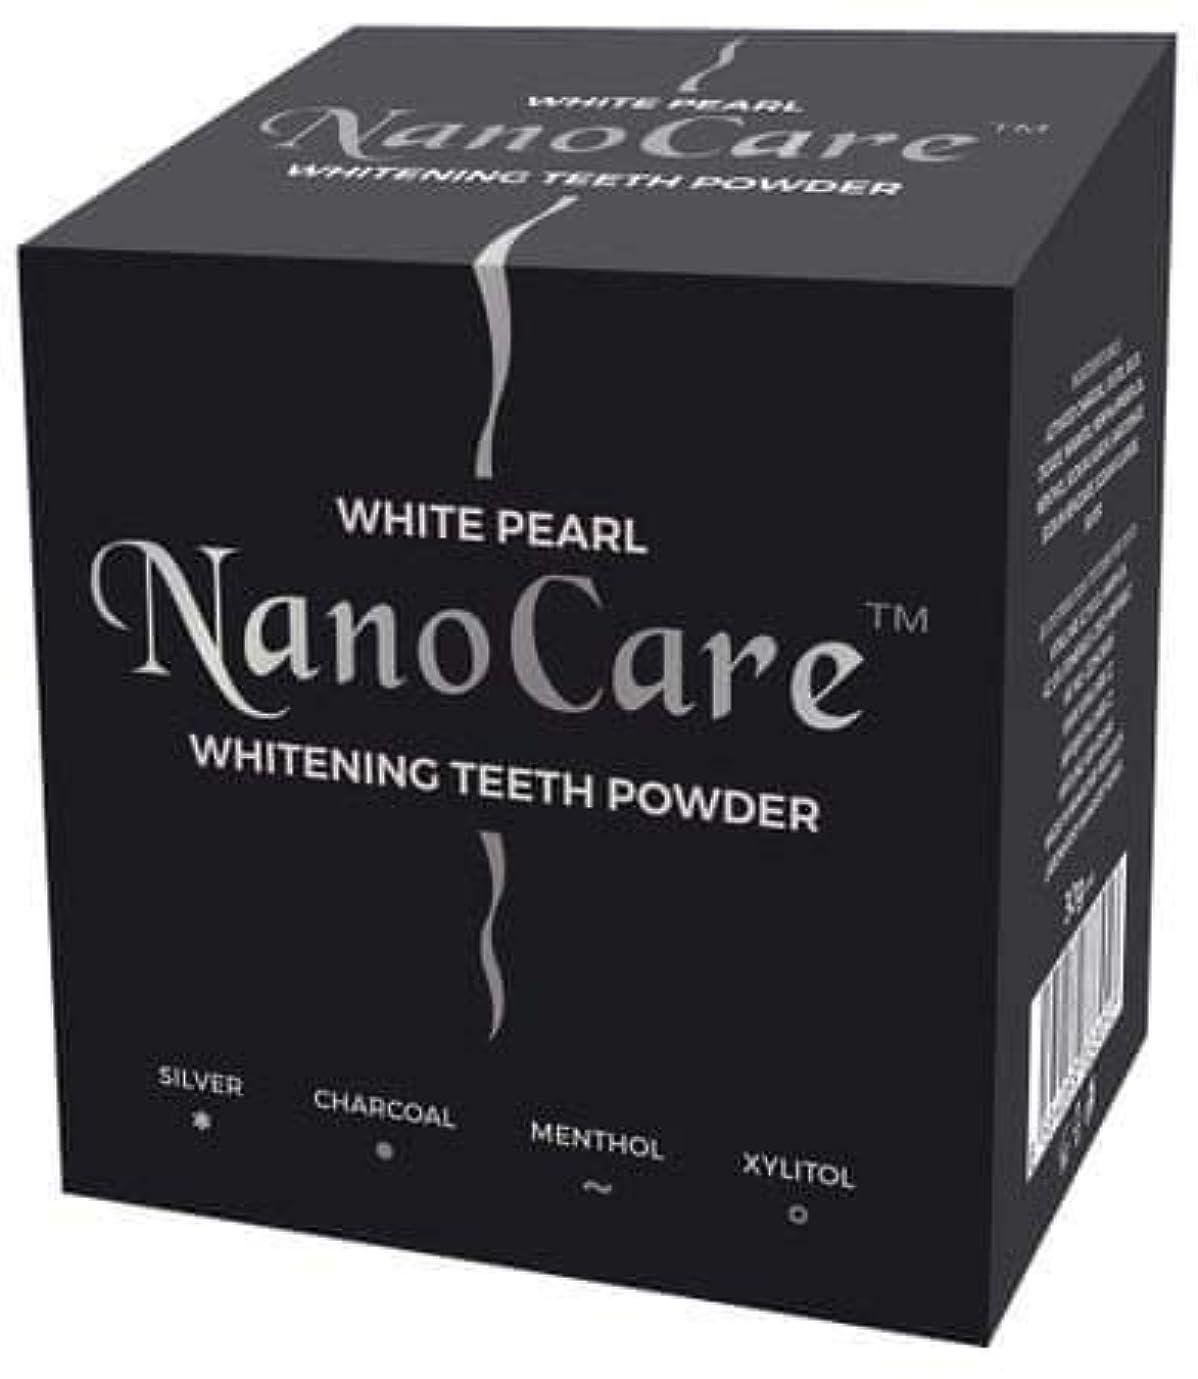 プロテスタント刺繍一方、Nano Care Whitening Powder with Active Charcoal and Silver nanoparticles 30g Made in Korea / 活性炭と銀ナノ粒子30gのナノケアホワイトニングパウダー韓国製